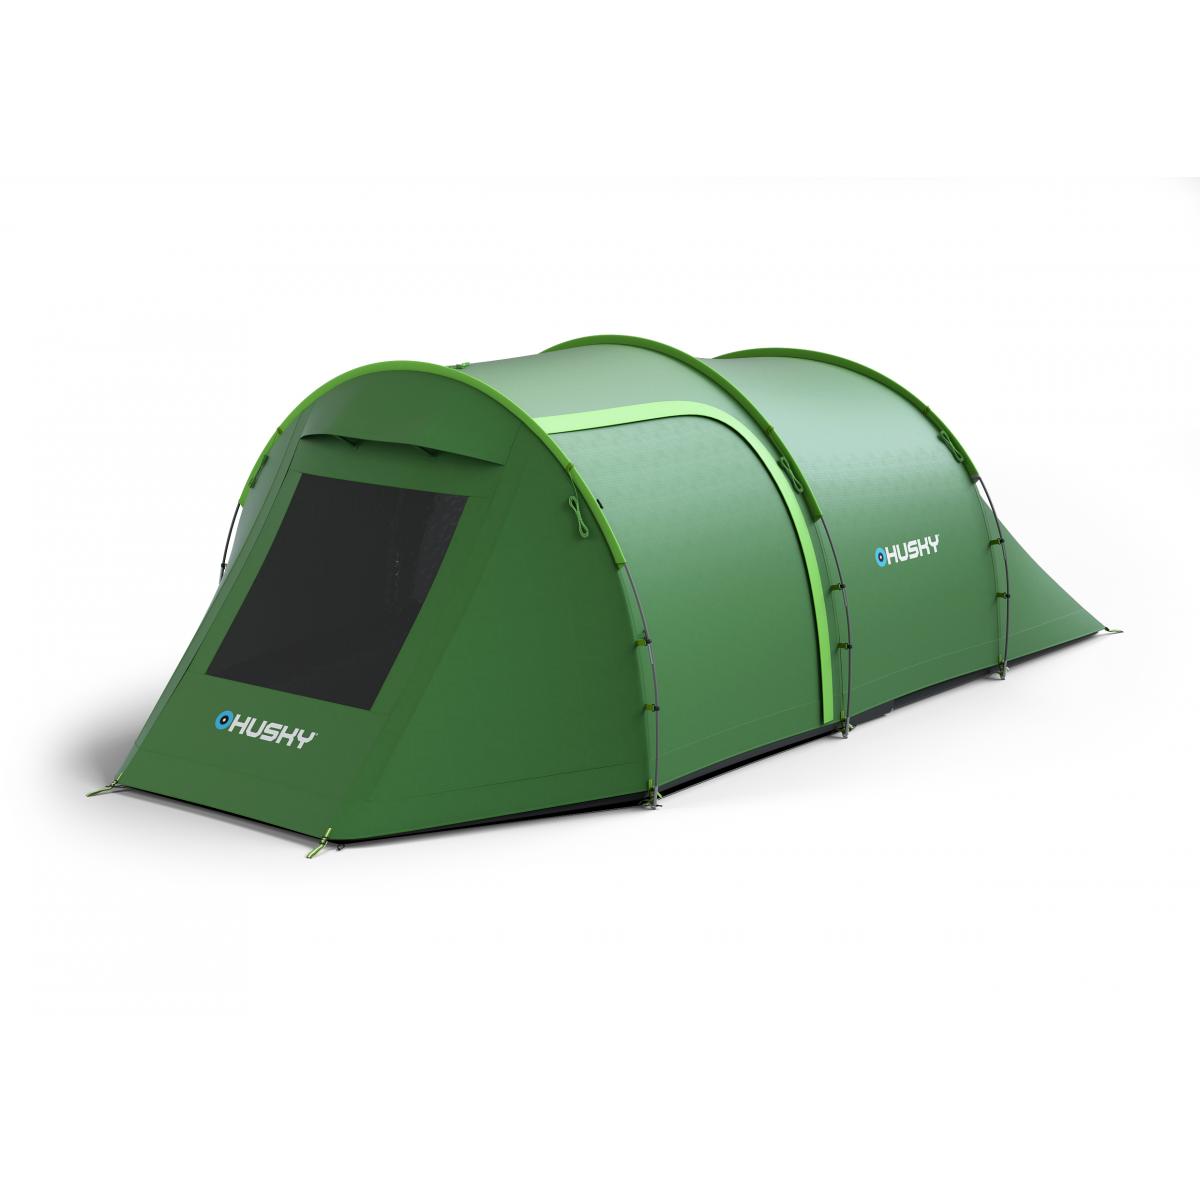 BENDER 3 палатка (зеленый)